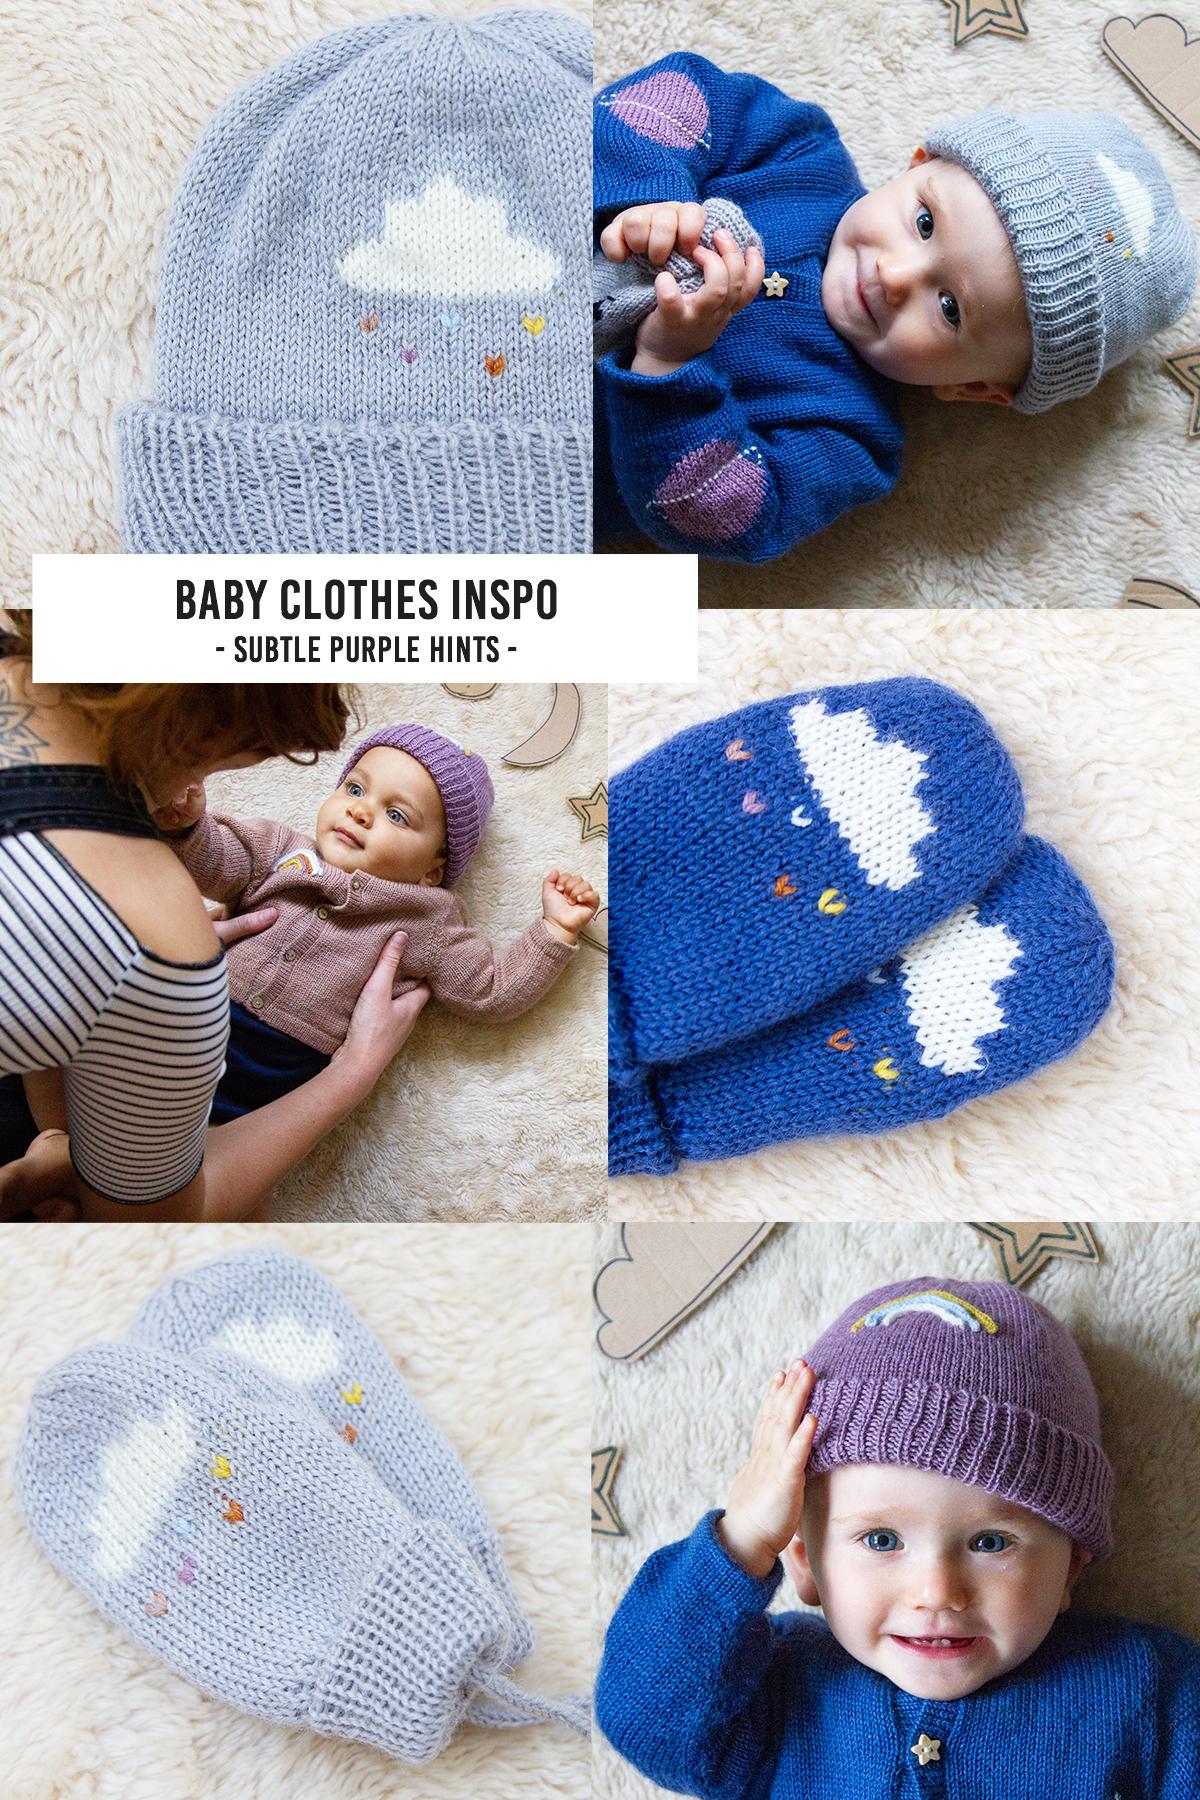 Subtle purple baby clothes ideas